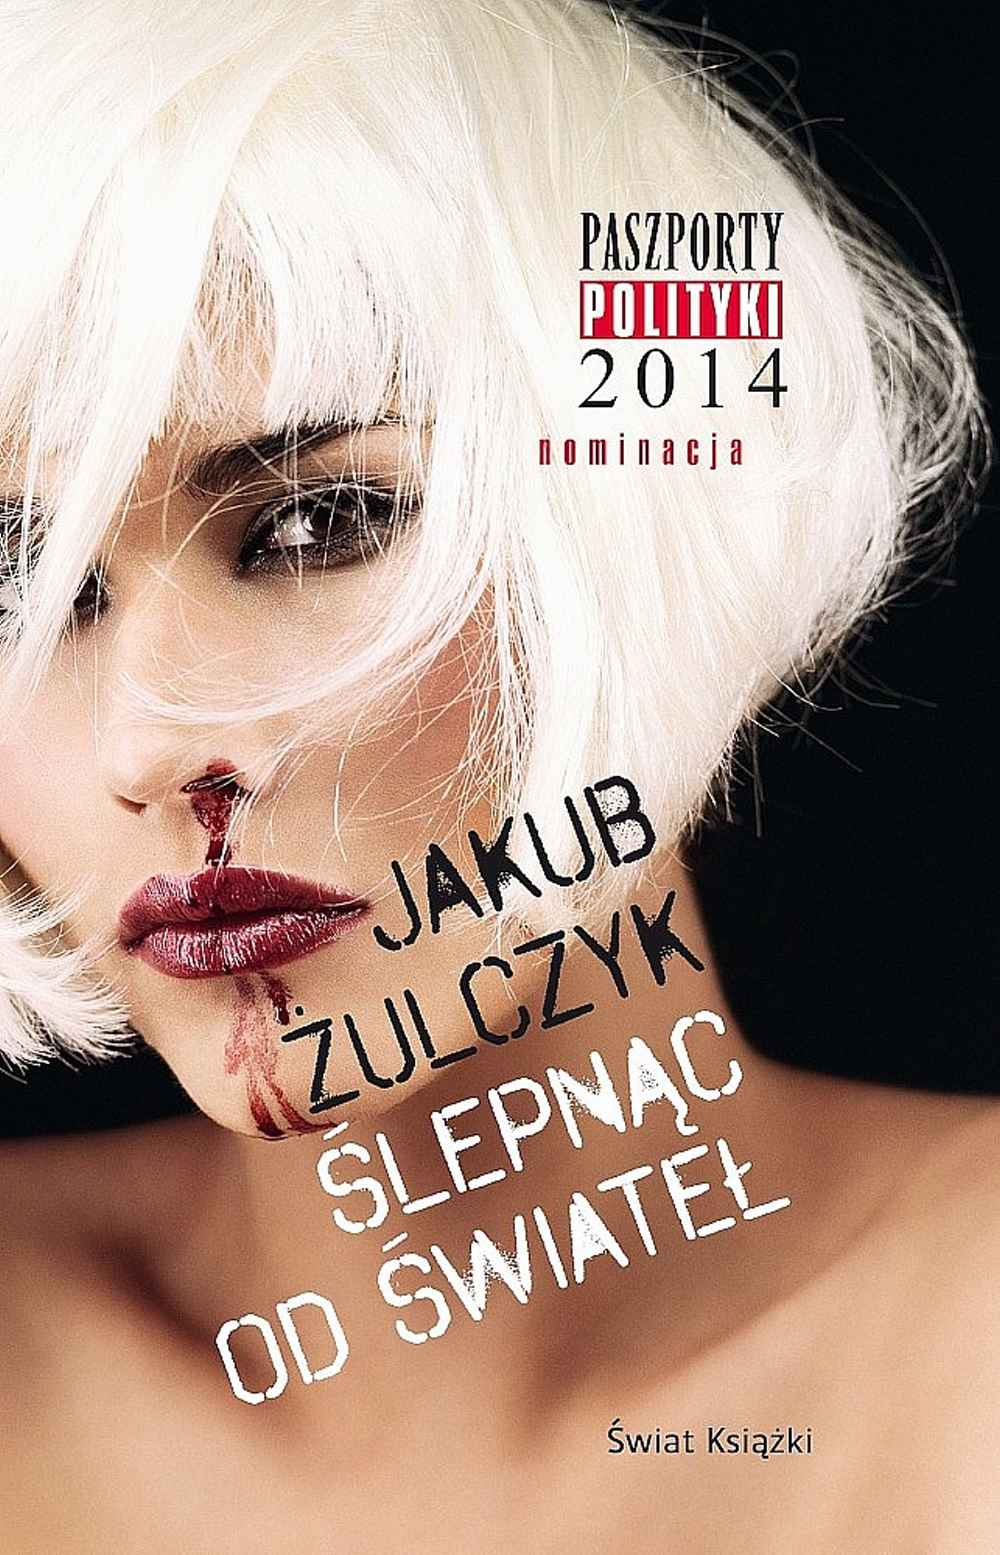 """Jakub Żulczyk """"Ślepnąc od świateł"""" - okładka książki"""